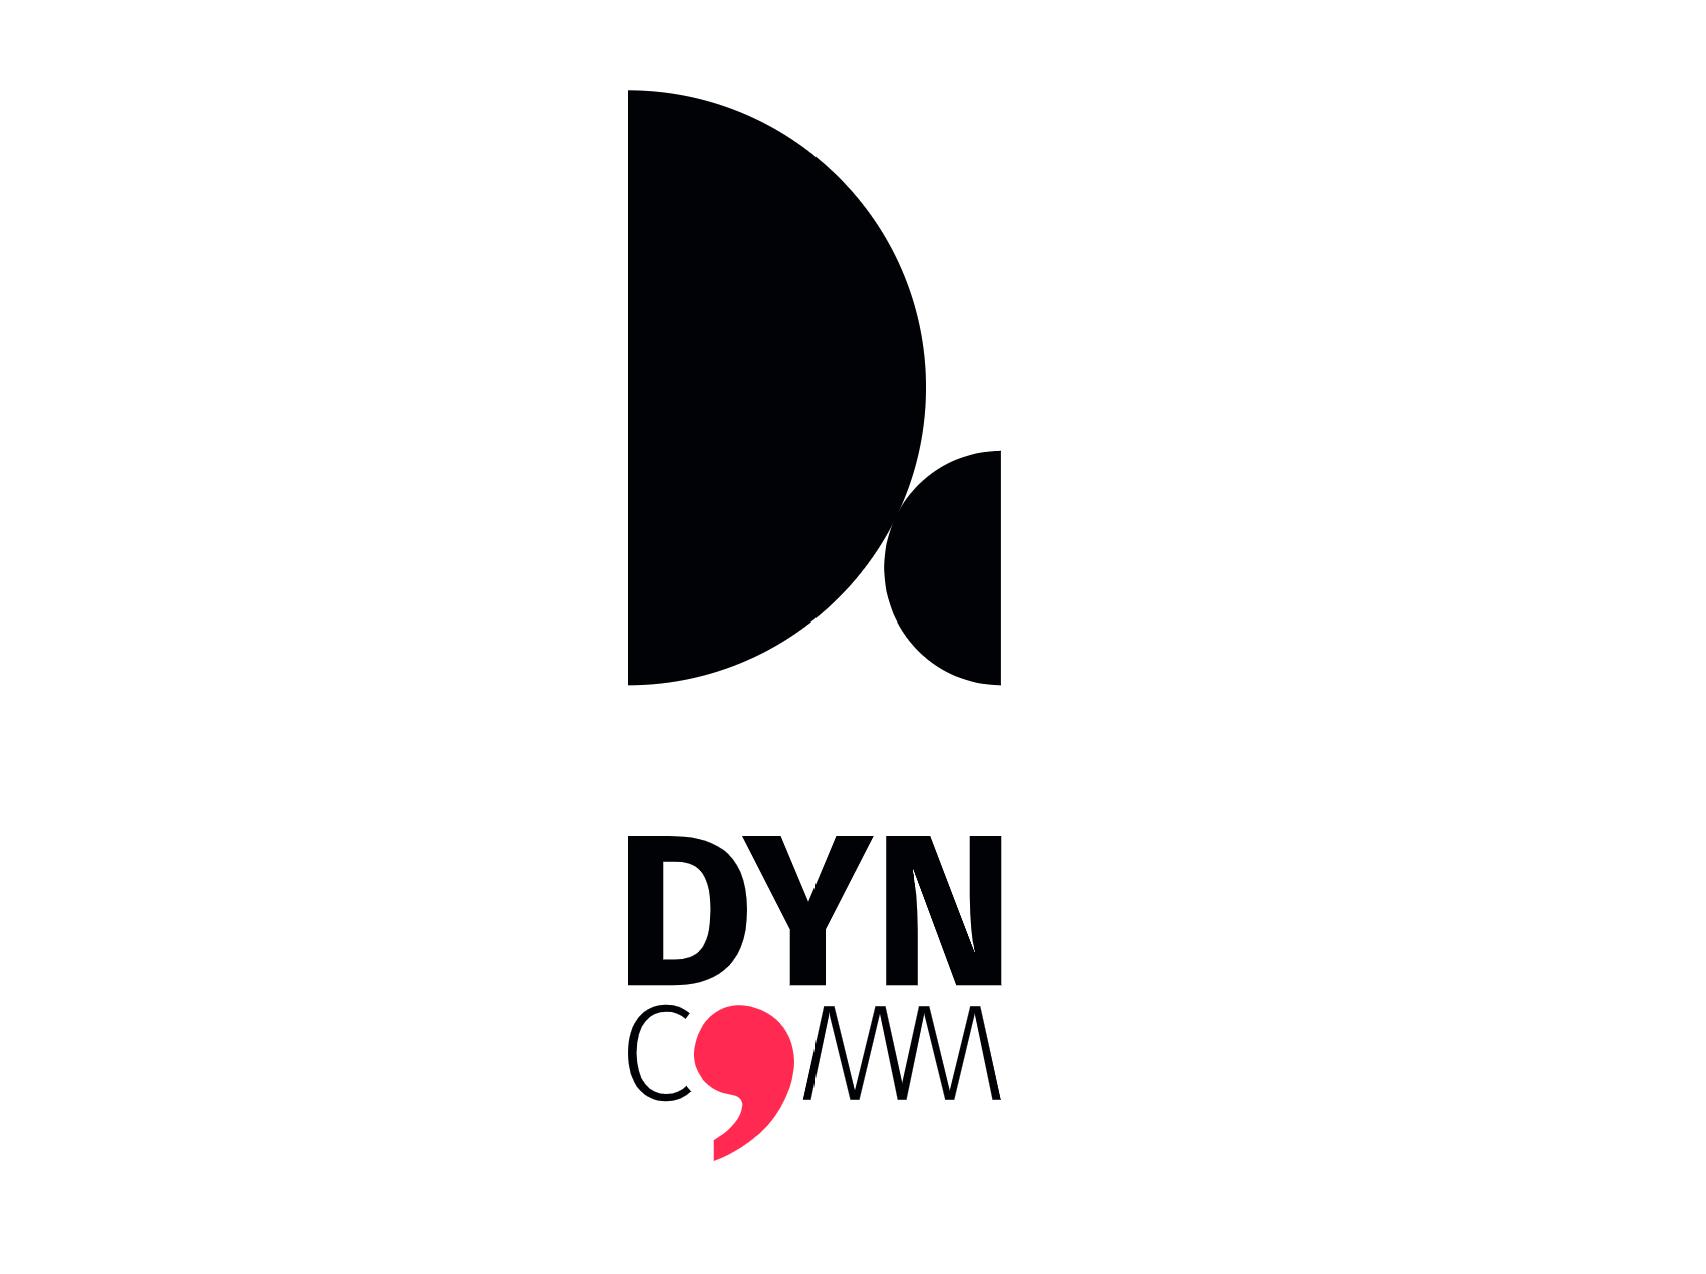 Dyncomm